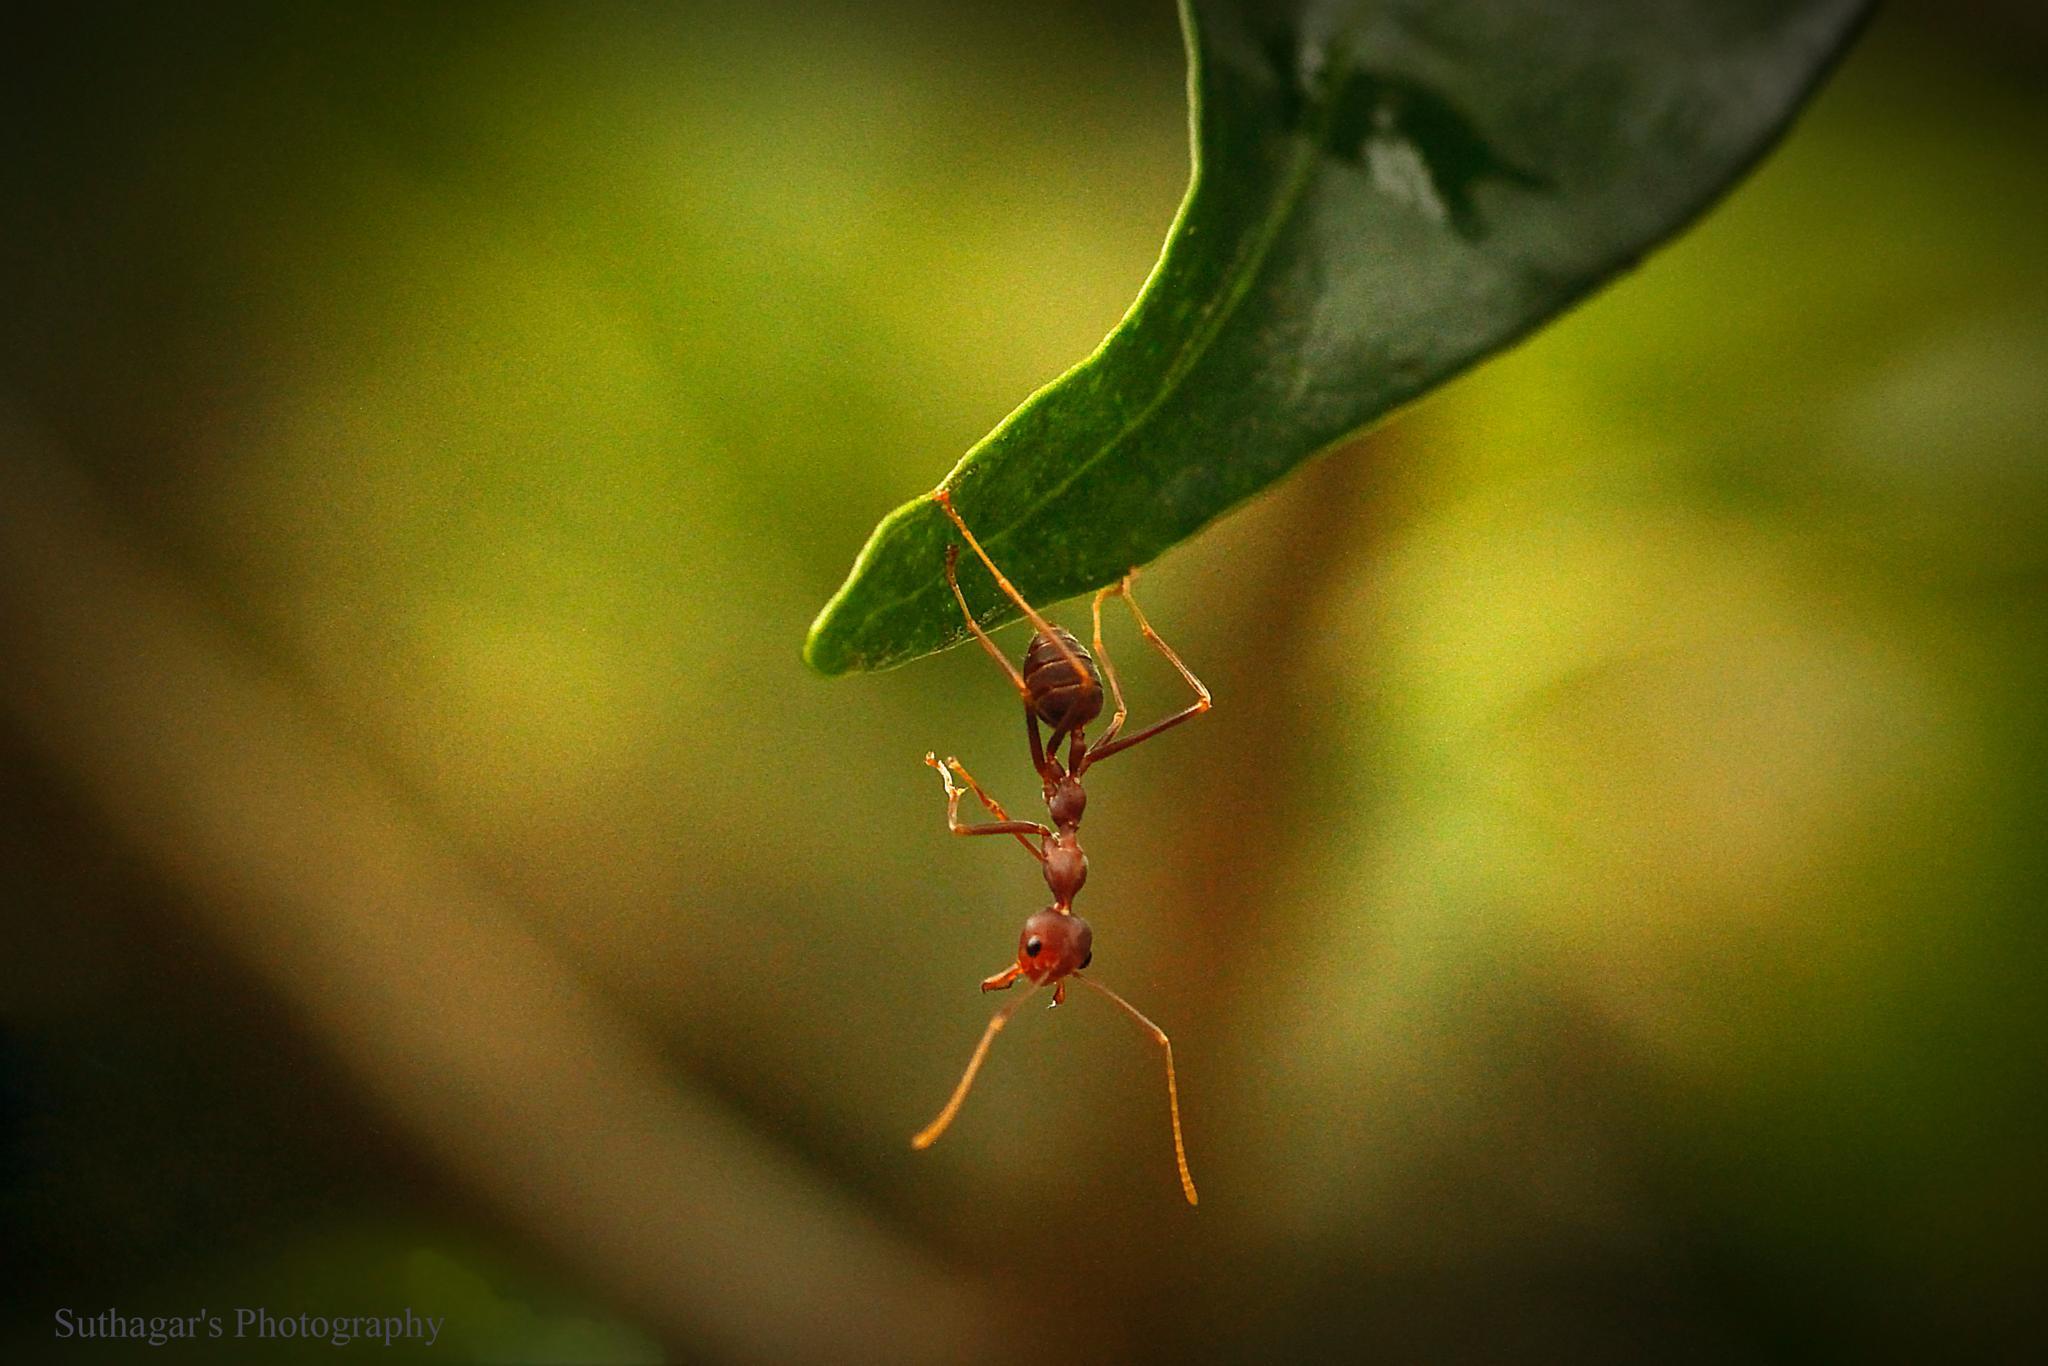 Acrobatic Ant by suthagar kotto